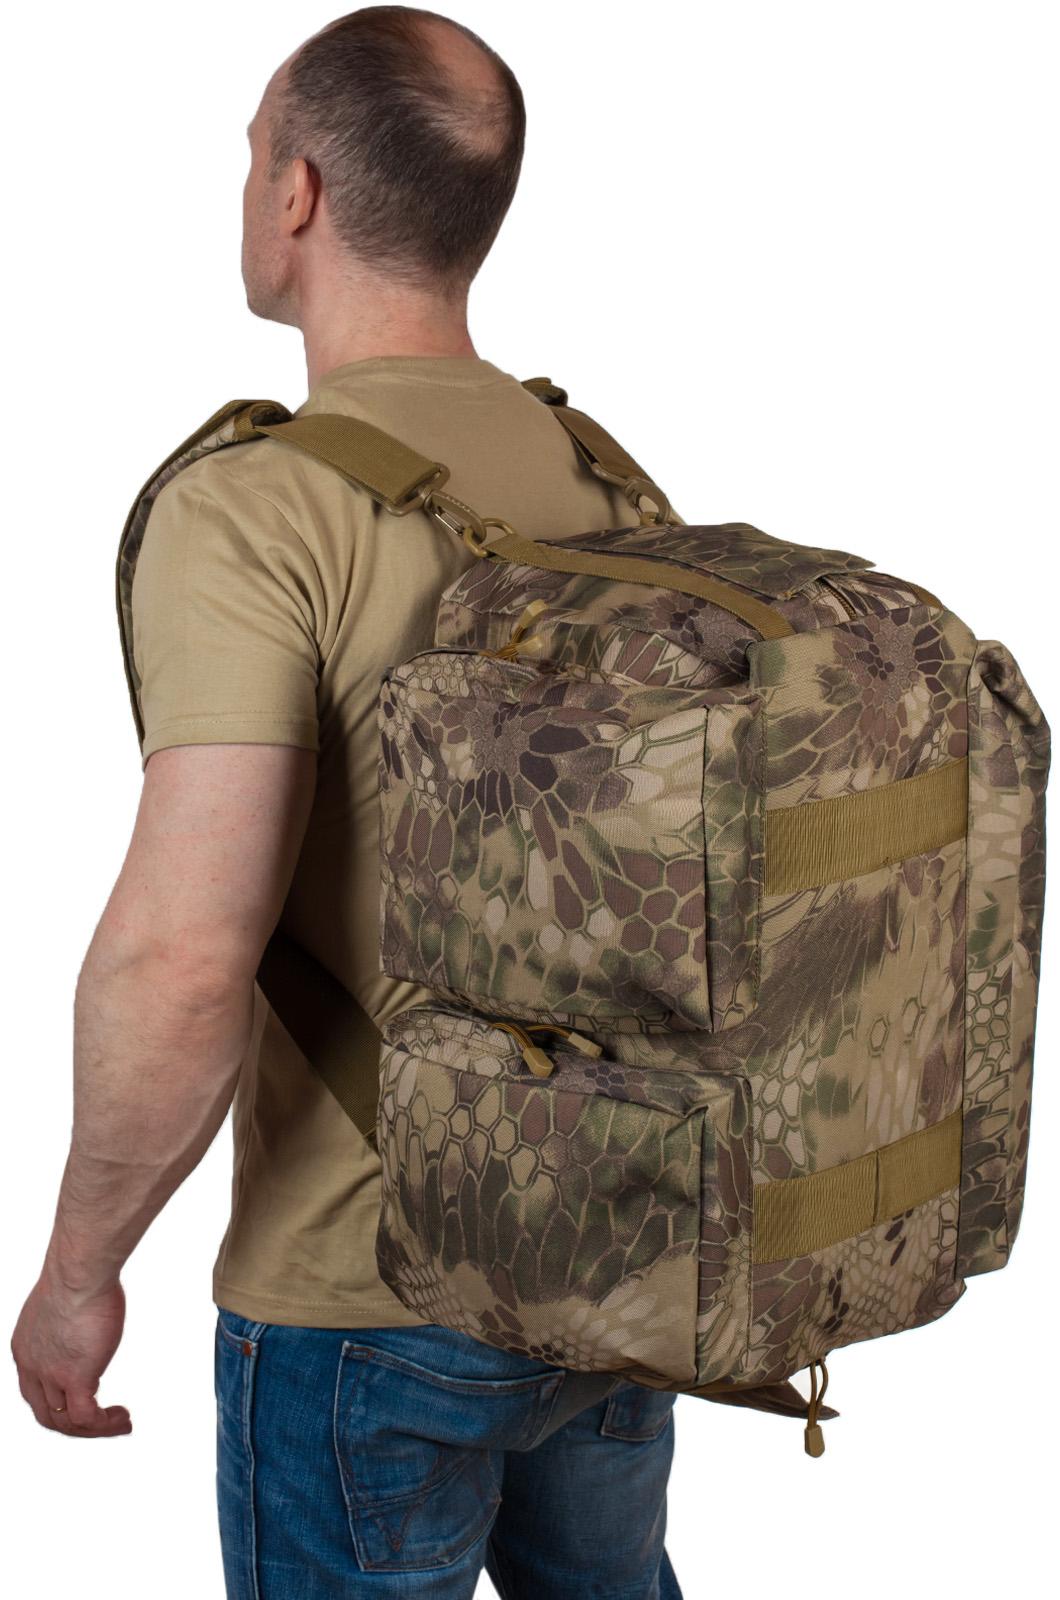 Заплечная тактическая сумка Эх, Хвост, Чешуя - заказать оптом